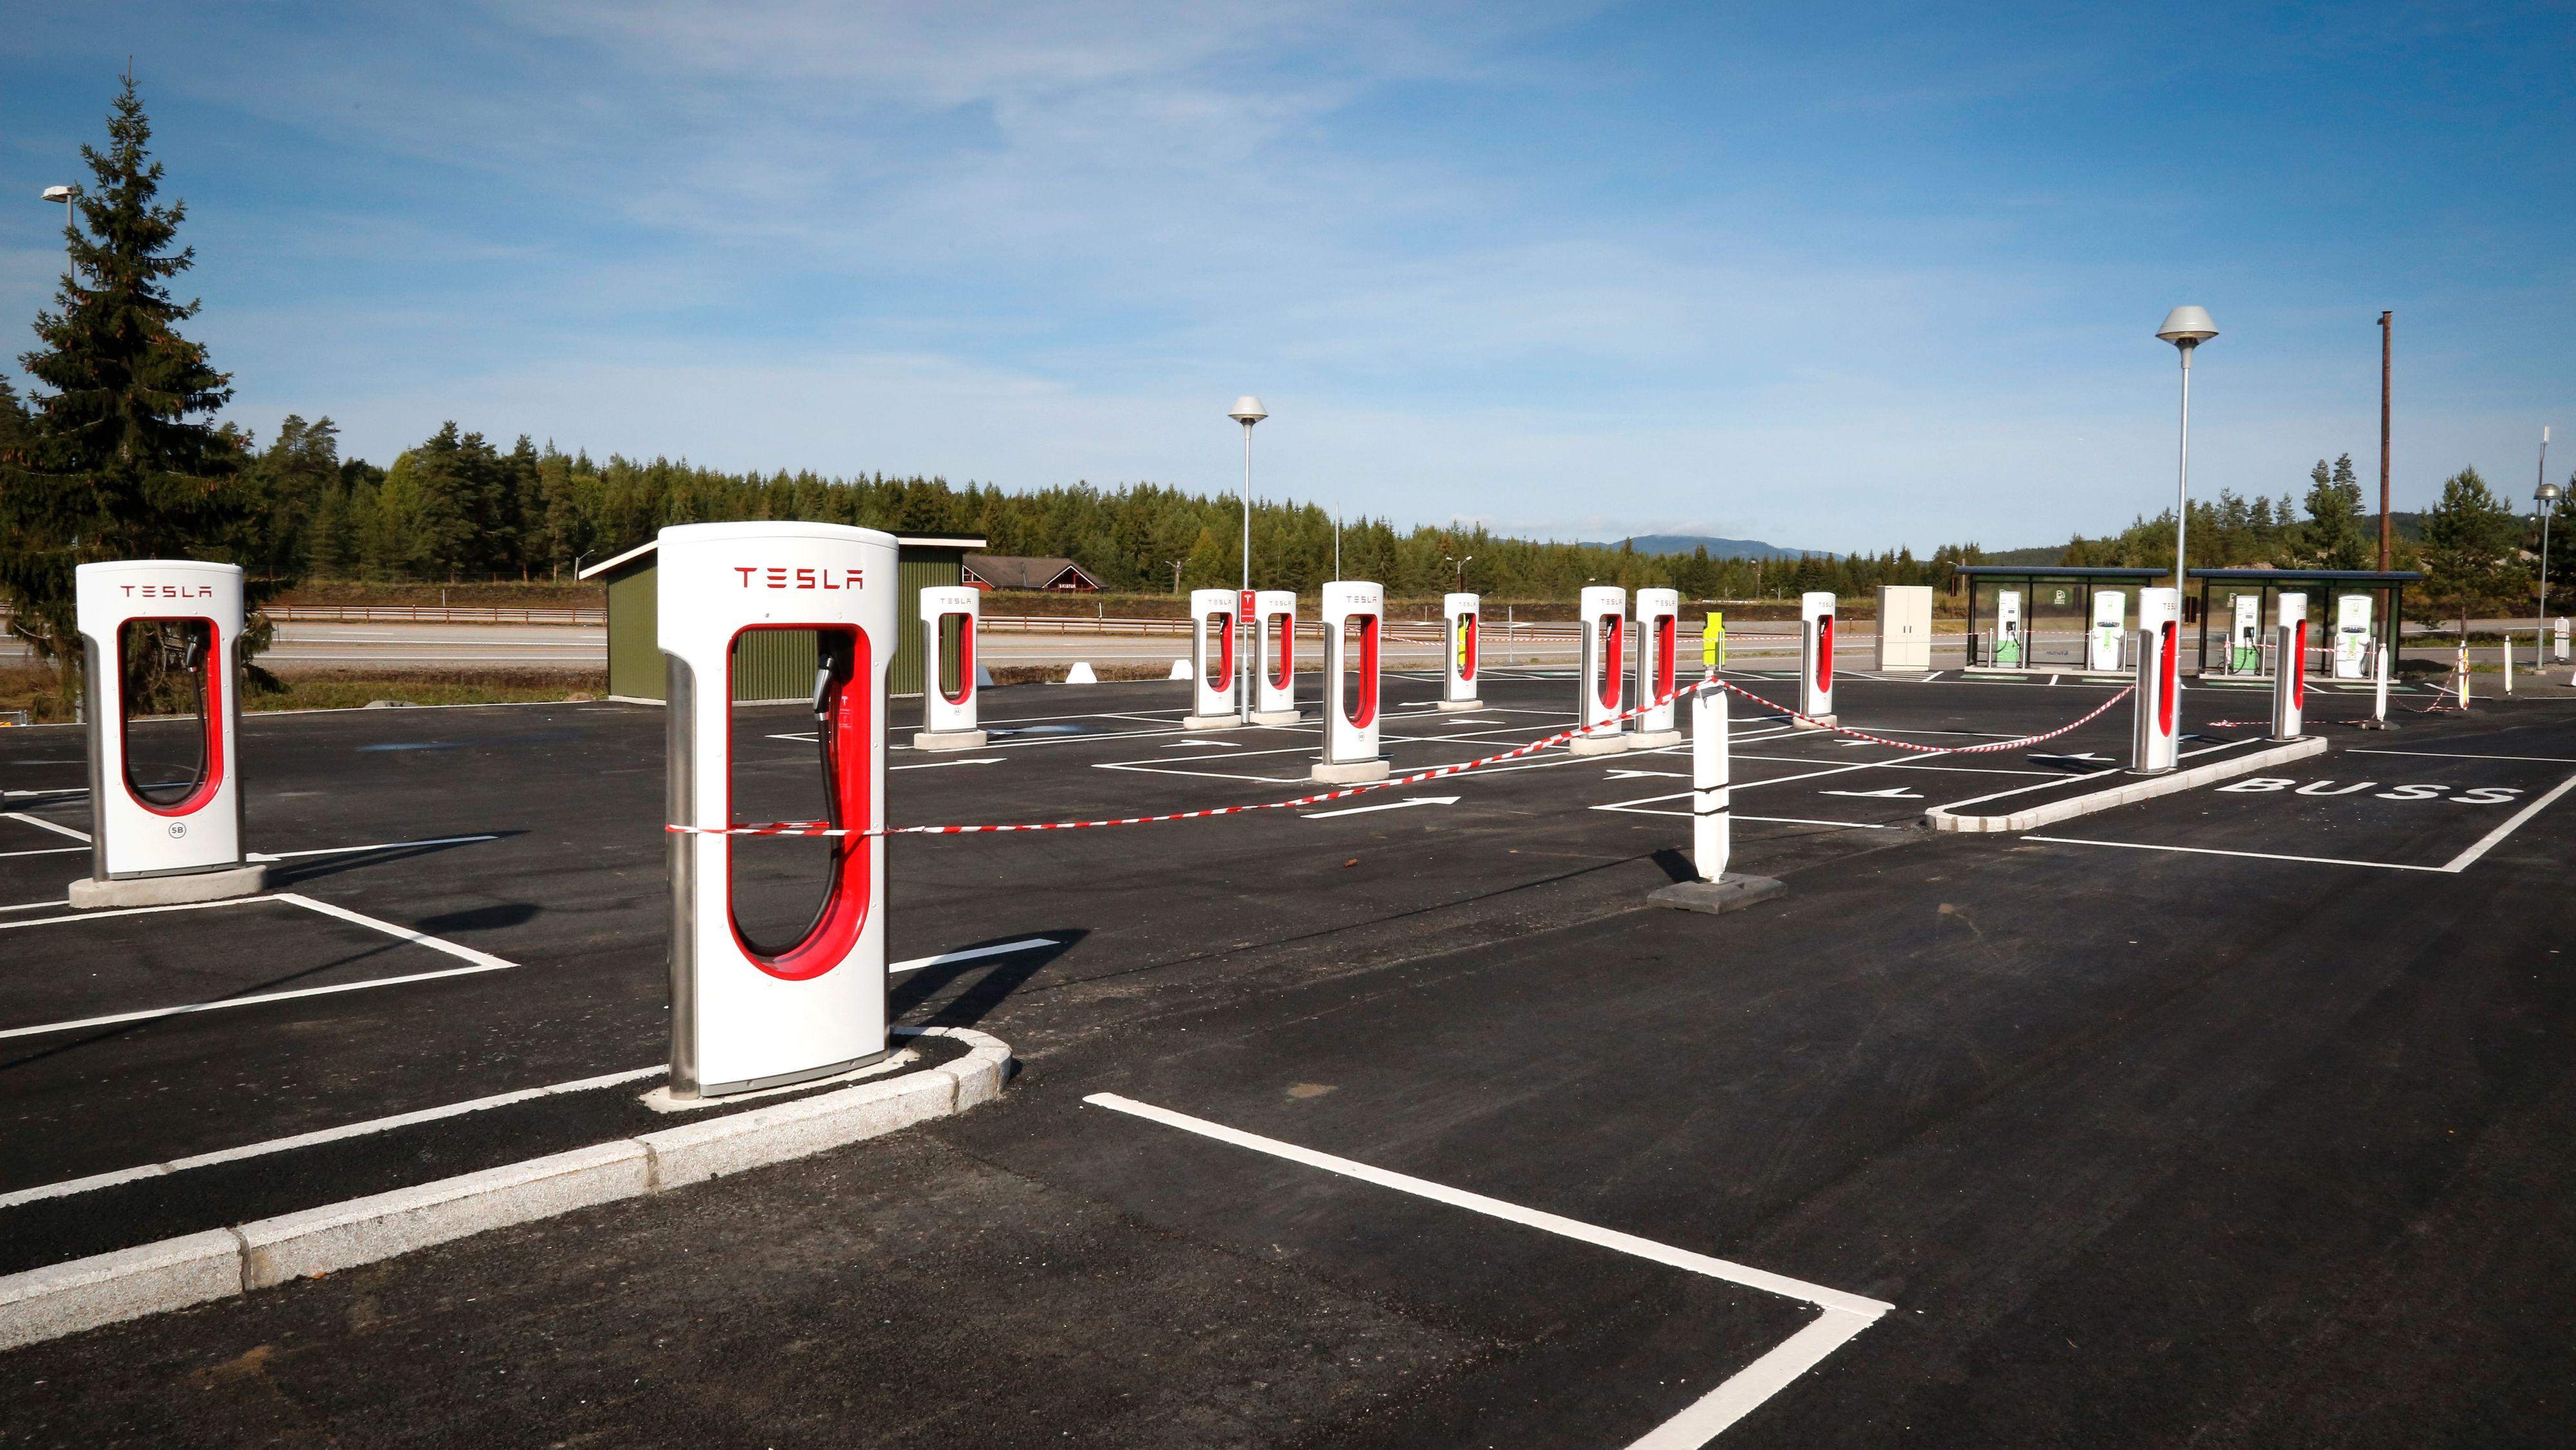 Tesla har foreløpig betraktelig større lader-tetthet i sitt Supercharger-nettverk enn hva situasjonen er for andre elbiler i Norge. NAF mener vi bør opp på Teslas nivå for alle elbiler.